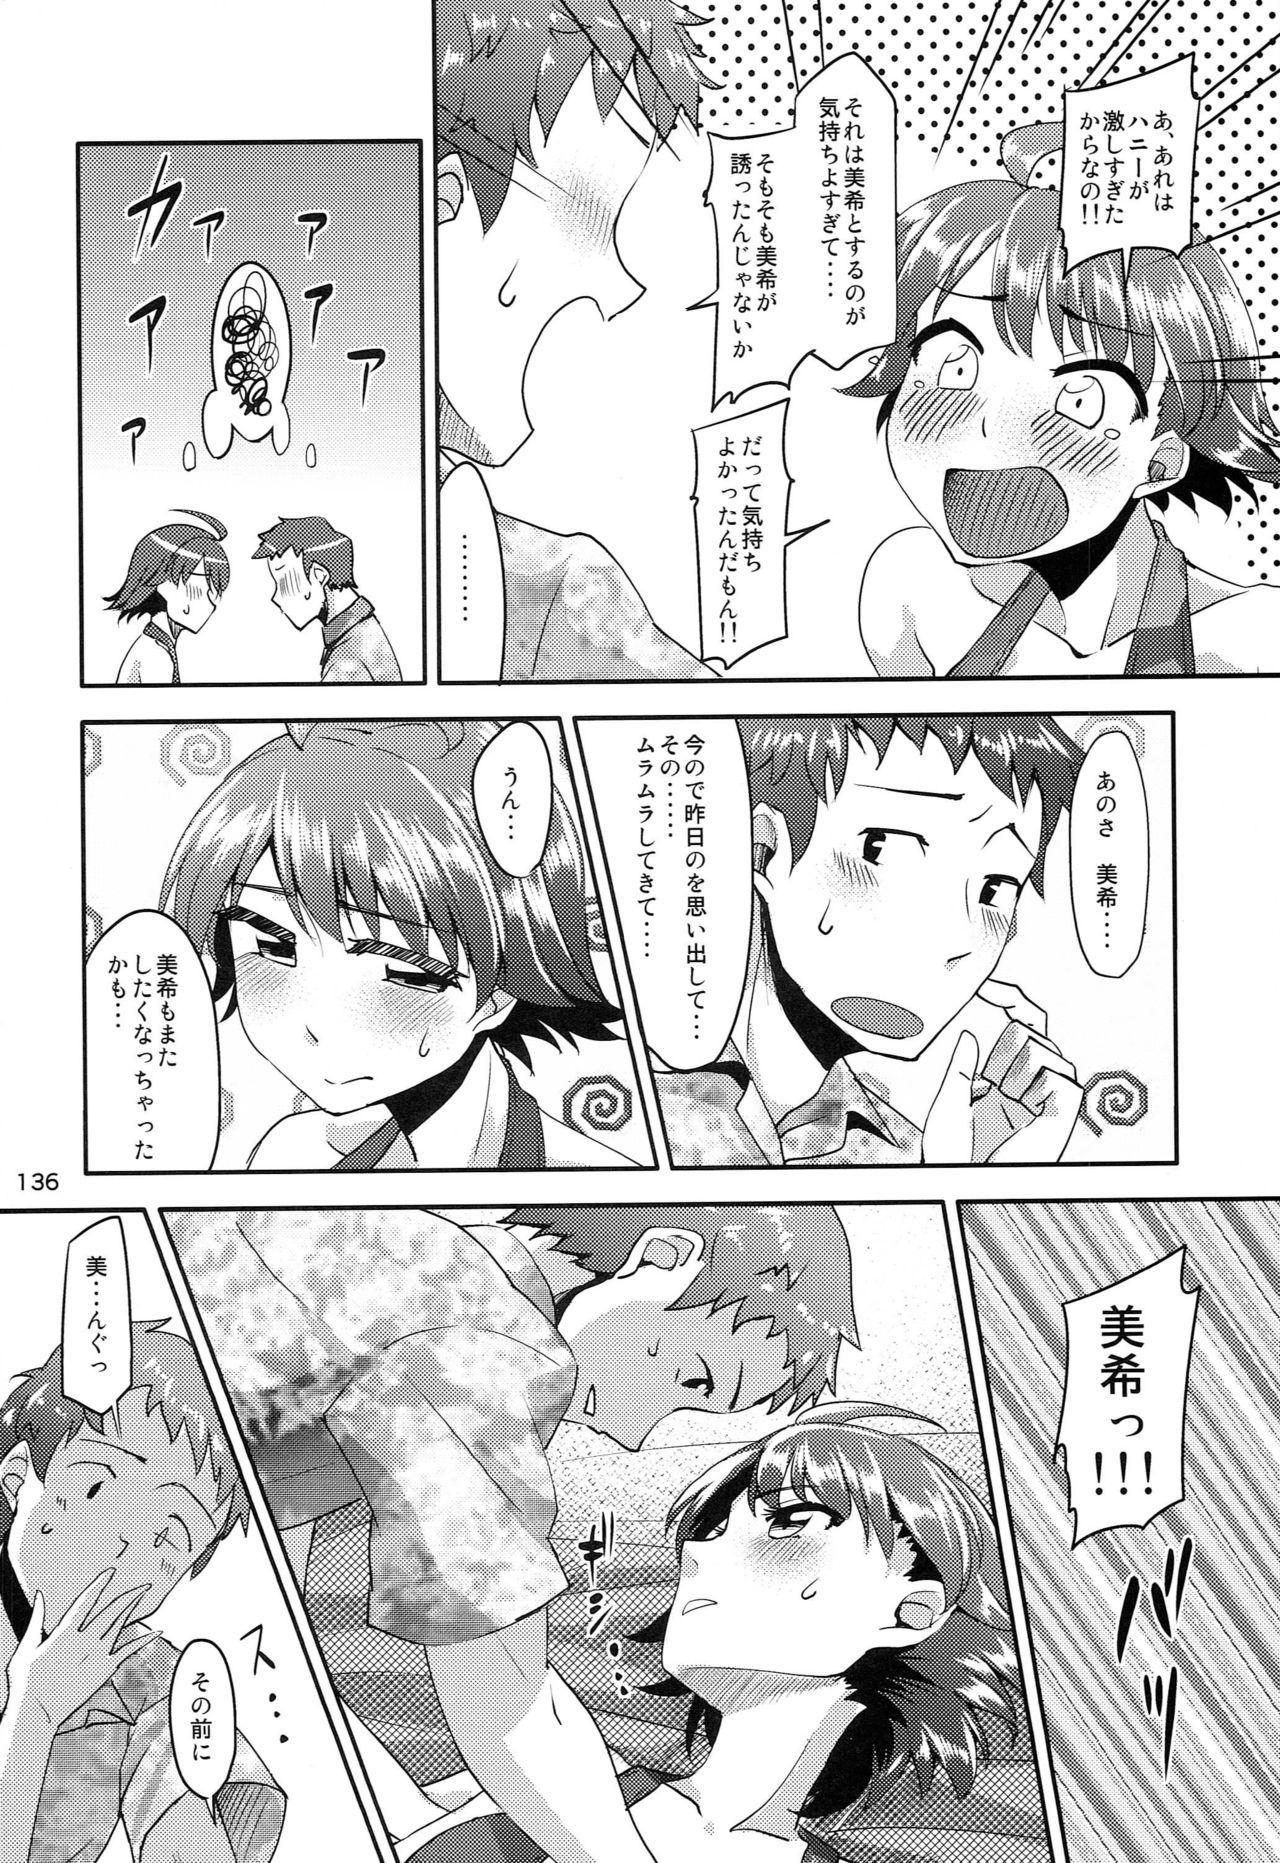 Hachimitsu Zuke 136